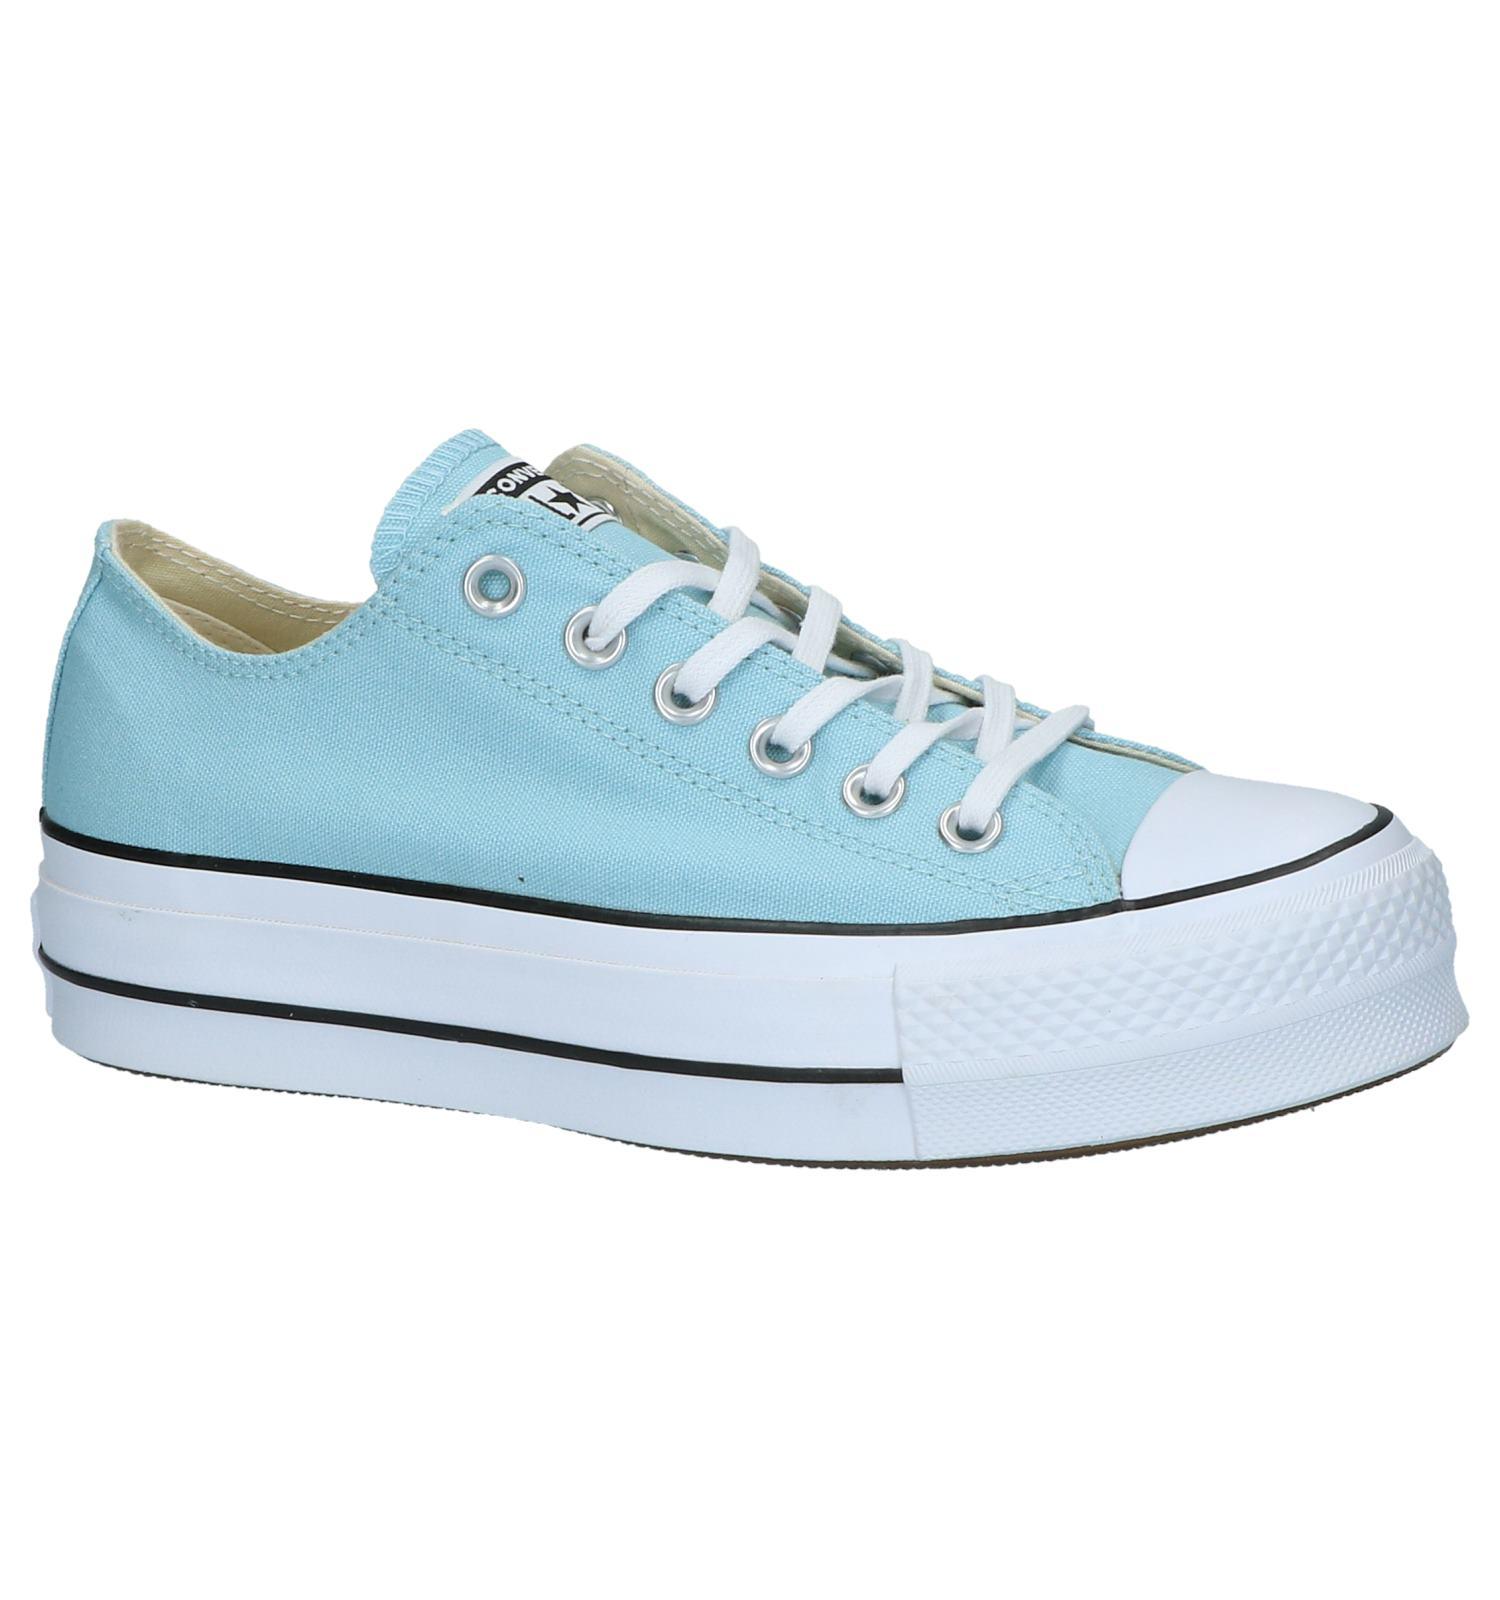 ba6f6dfaacd Lichtblauwe Converse Chuck Taylor All Star Lift Sneakers   TORFS.BE    Gratis verzend en retour